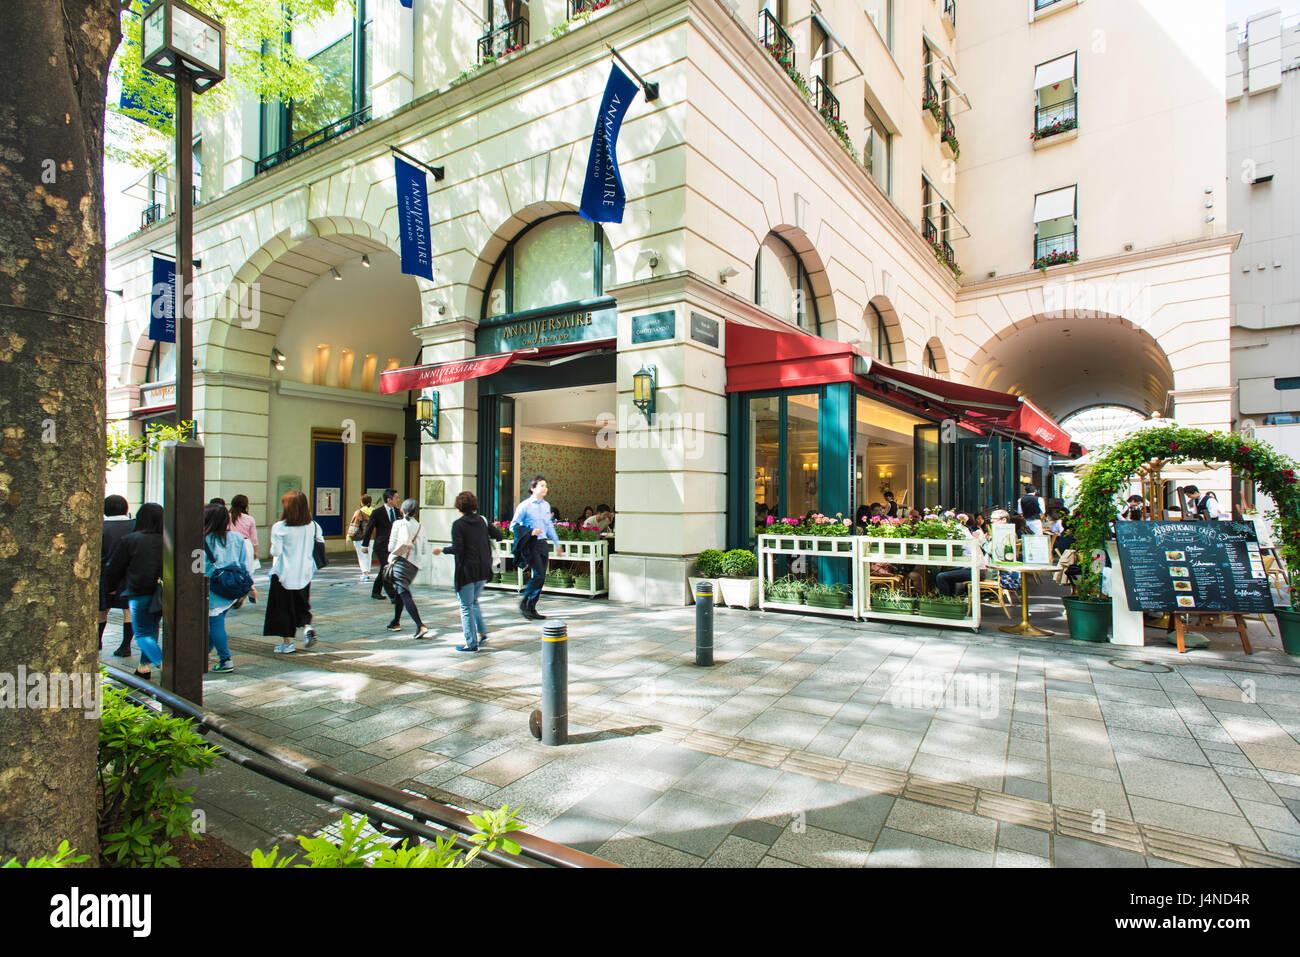 Omotesando Einkaufsstraße zeigt die Anniversaire Gebäude und Café in Tokio, Japan Stockbild